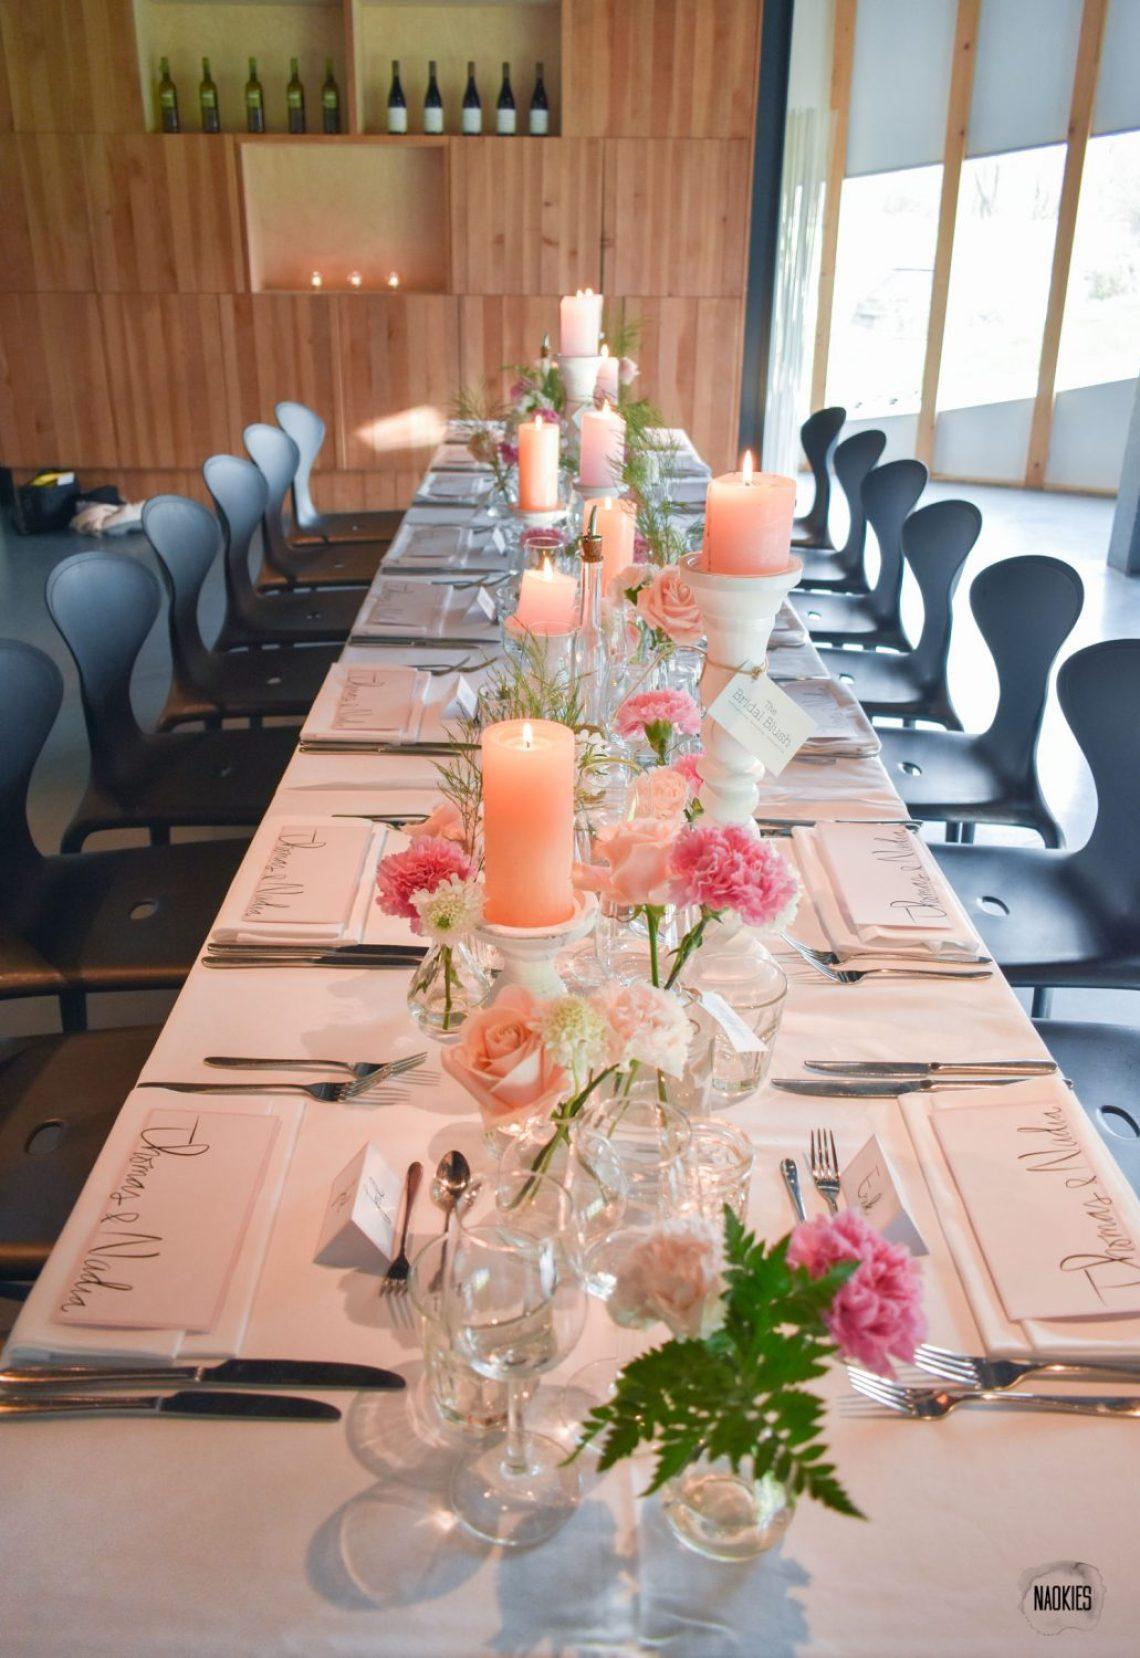 Open TopTrouwlocatie Route bruiloft eettafel styling studio naokies Paviljoen Puur